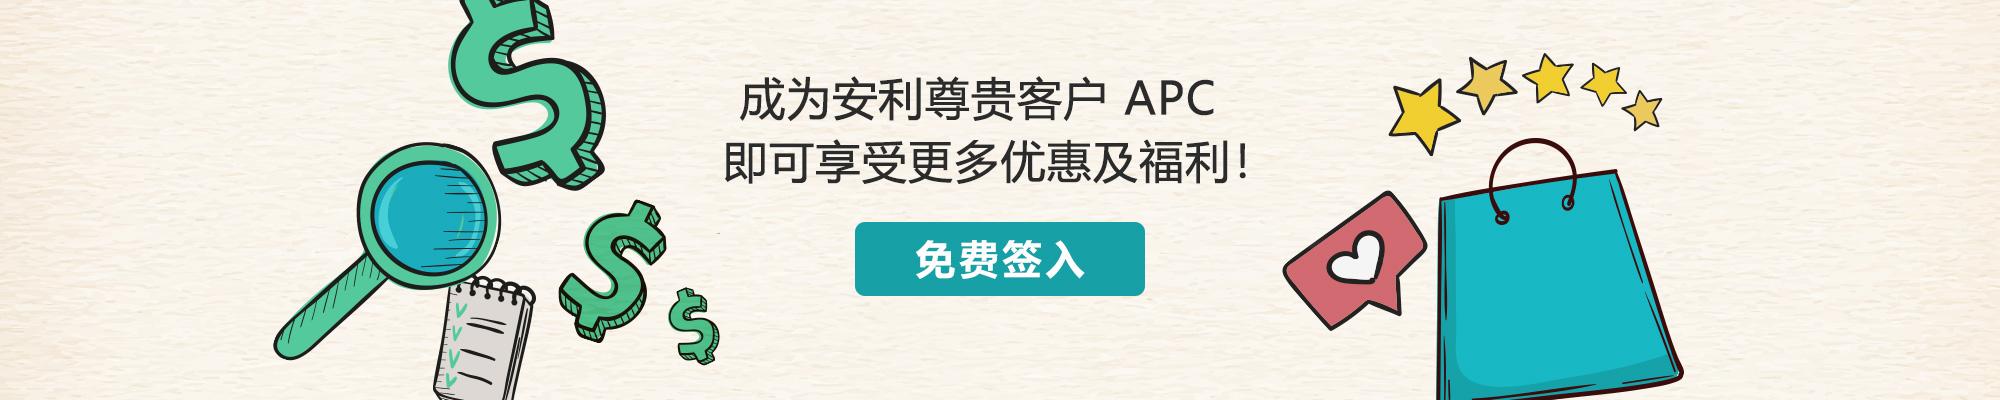 carousel-apc1-zh.jpg